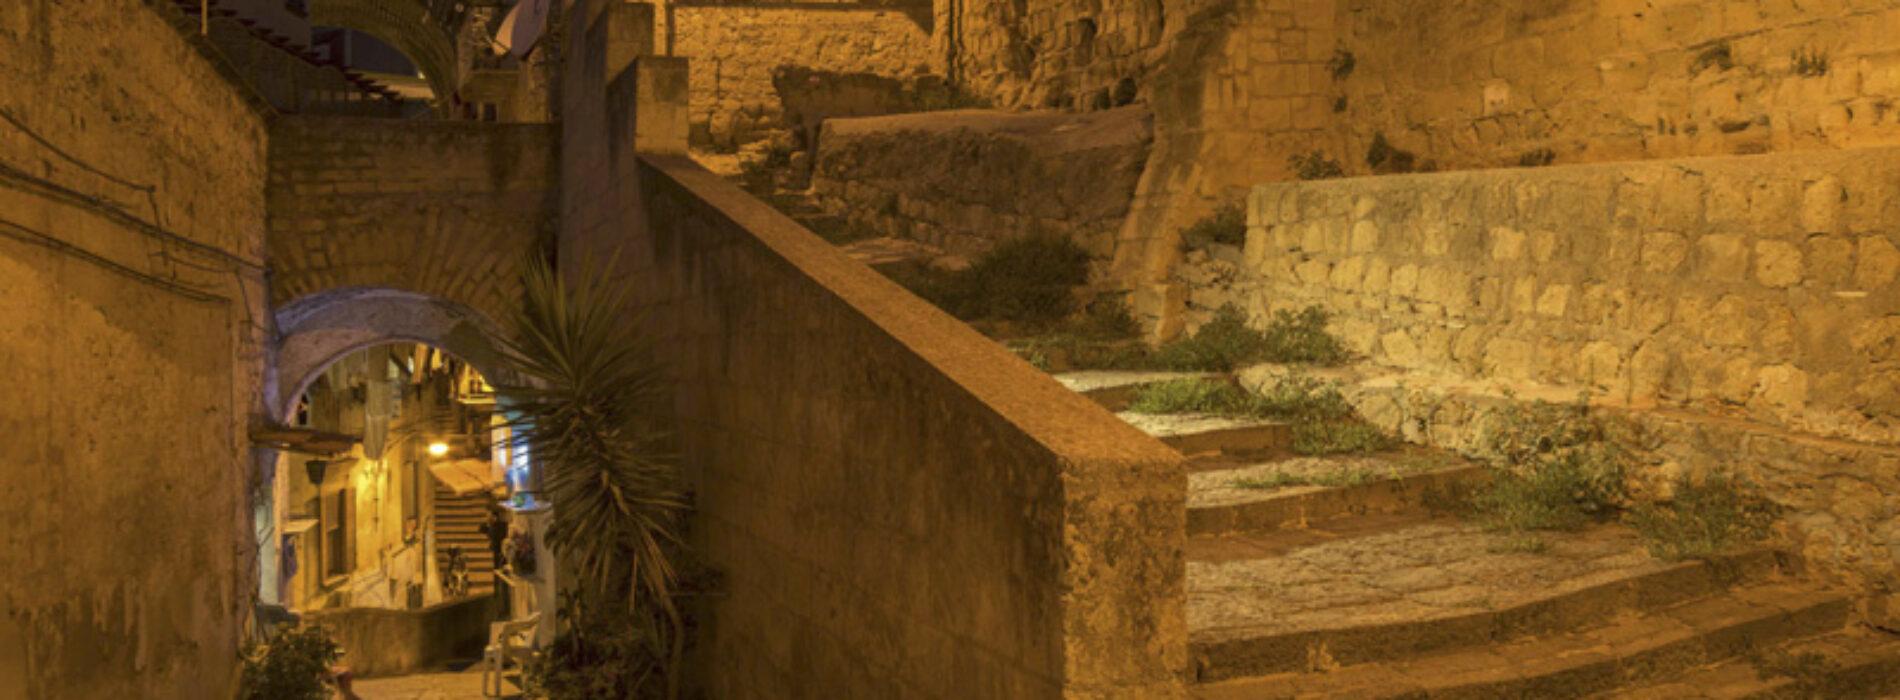 Pan, la mostra fotografica sulle scale di Napoli nei secoli